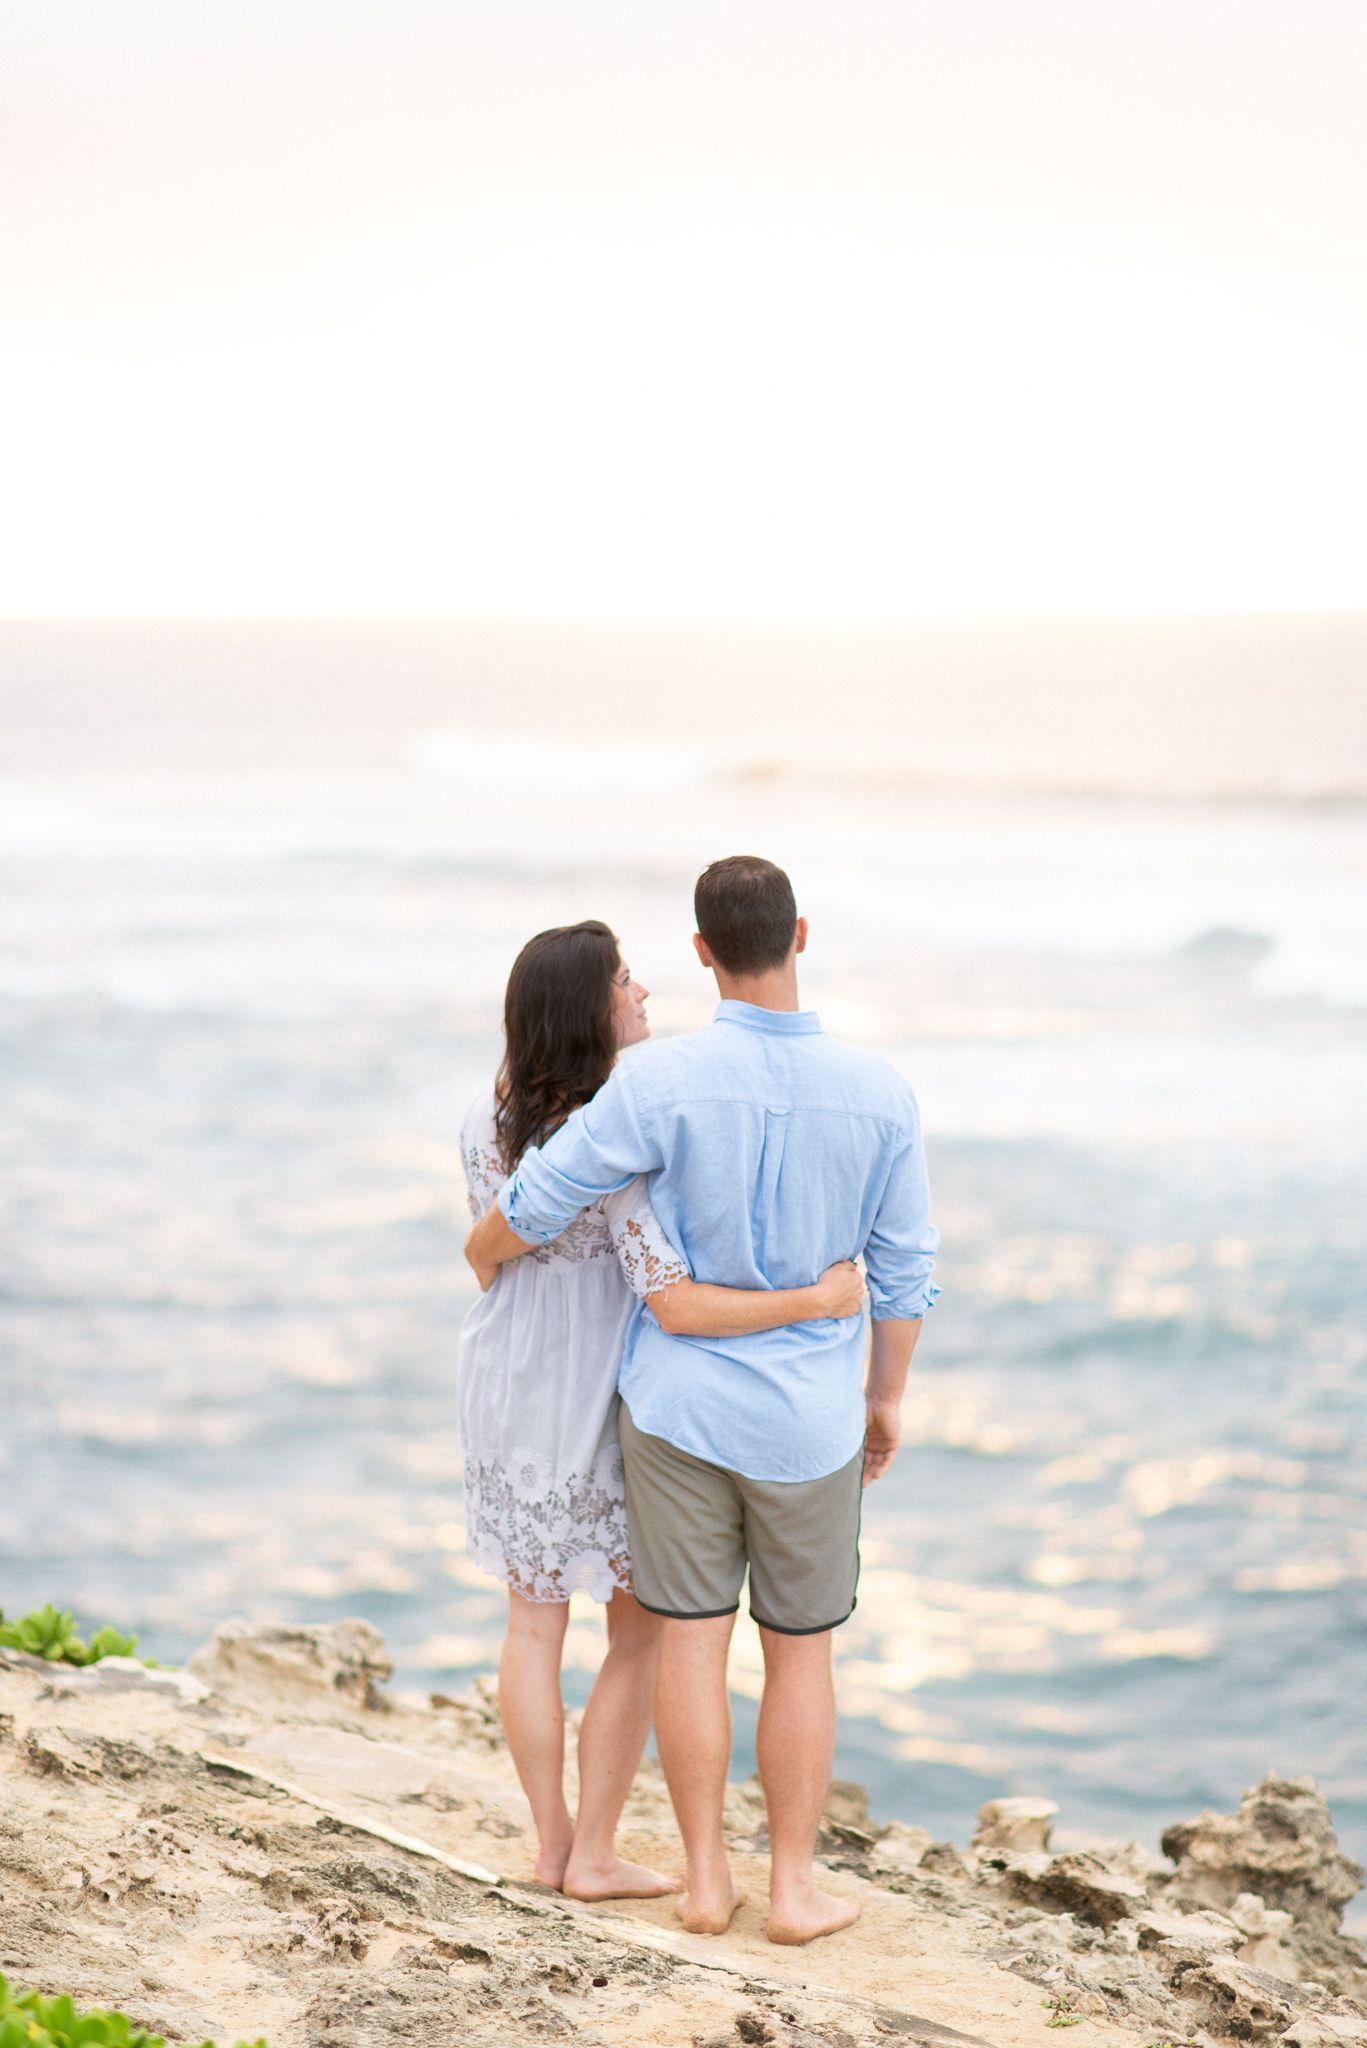 2175b797e513 Shipwreck Beach Photoshoot, Kauai Engagement Photographer, Kauai Wedding  Photographer, Kauai Film Photographer, Hawaii Wedding Photographer, ...